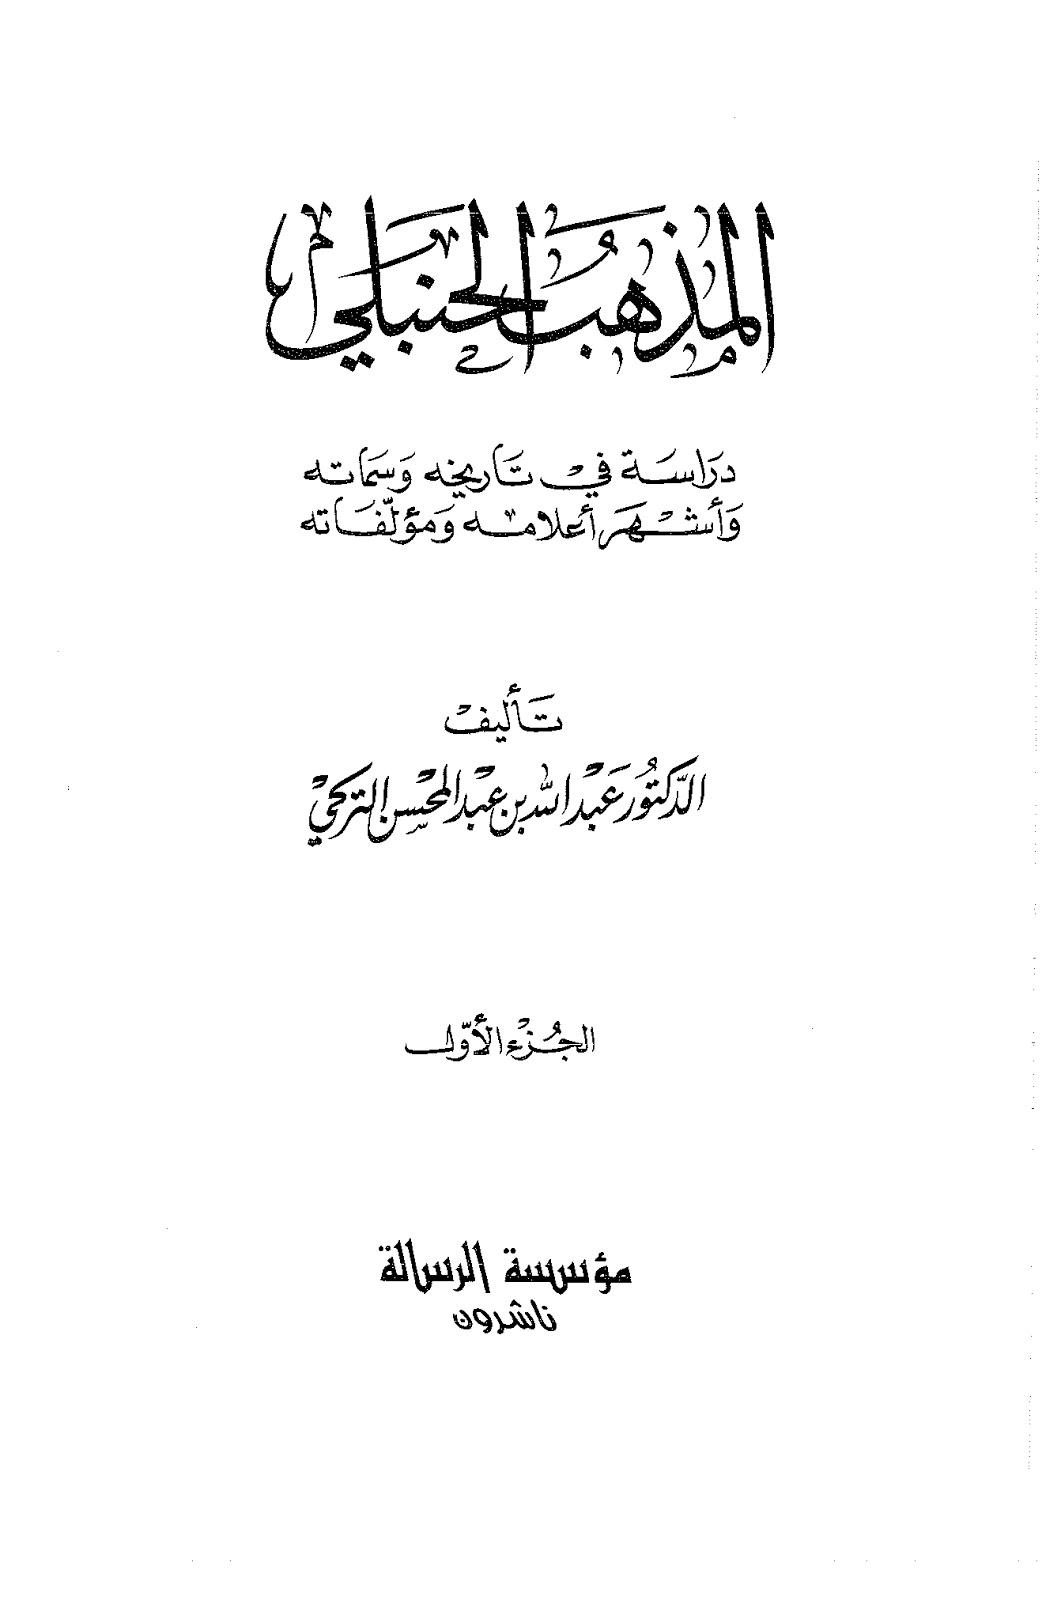 المذهب الحنبلي: دراسة في تاريخه وسماته وأشهر أعلامه ومؤلفاته - عبد الله التركي pdf